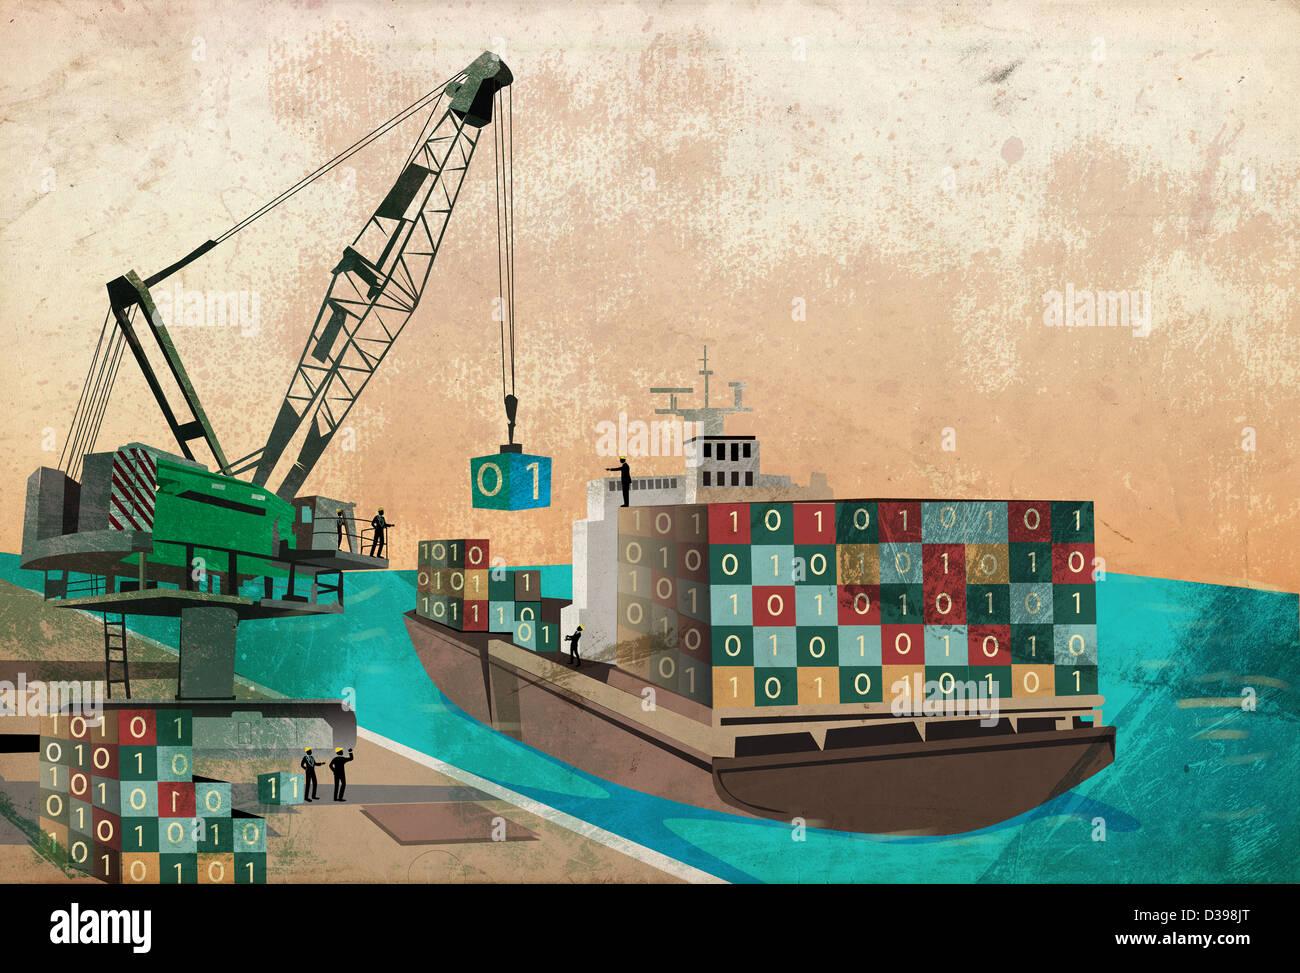 Schifffahrt mit Verladung von Containern Binärcode auf Schiff, die stellvertretend für das Konzept der Stockbild